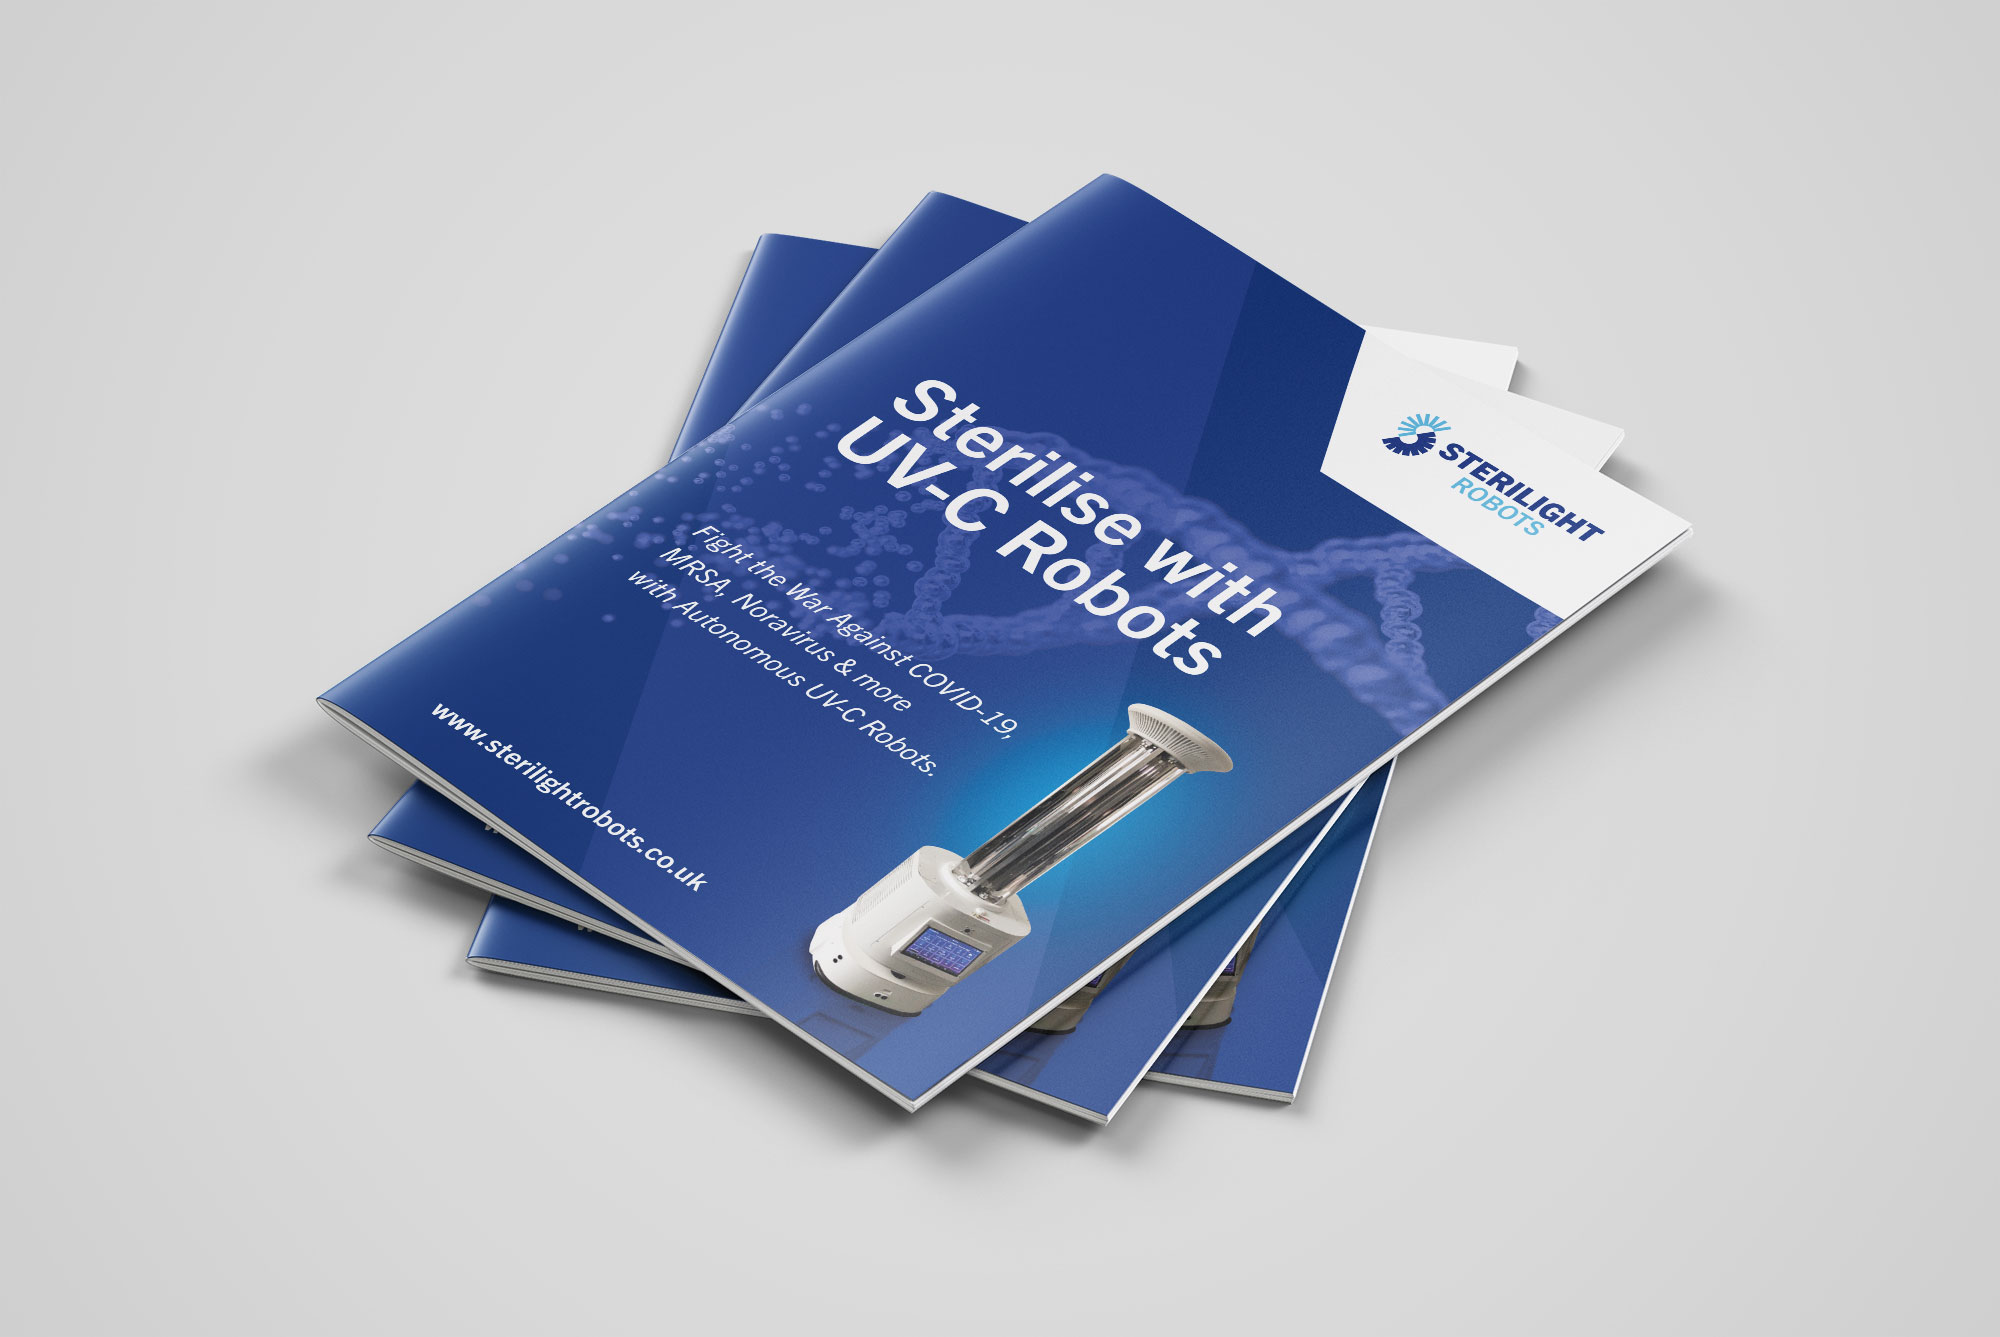 Sterilight Brochure Cover